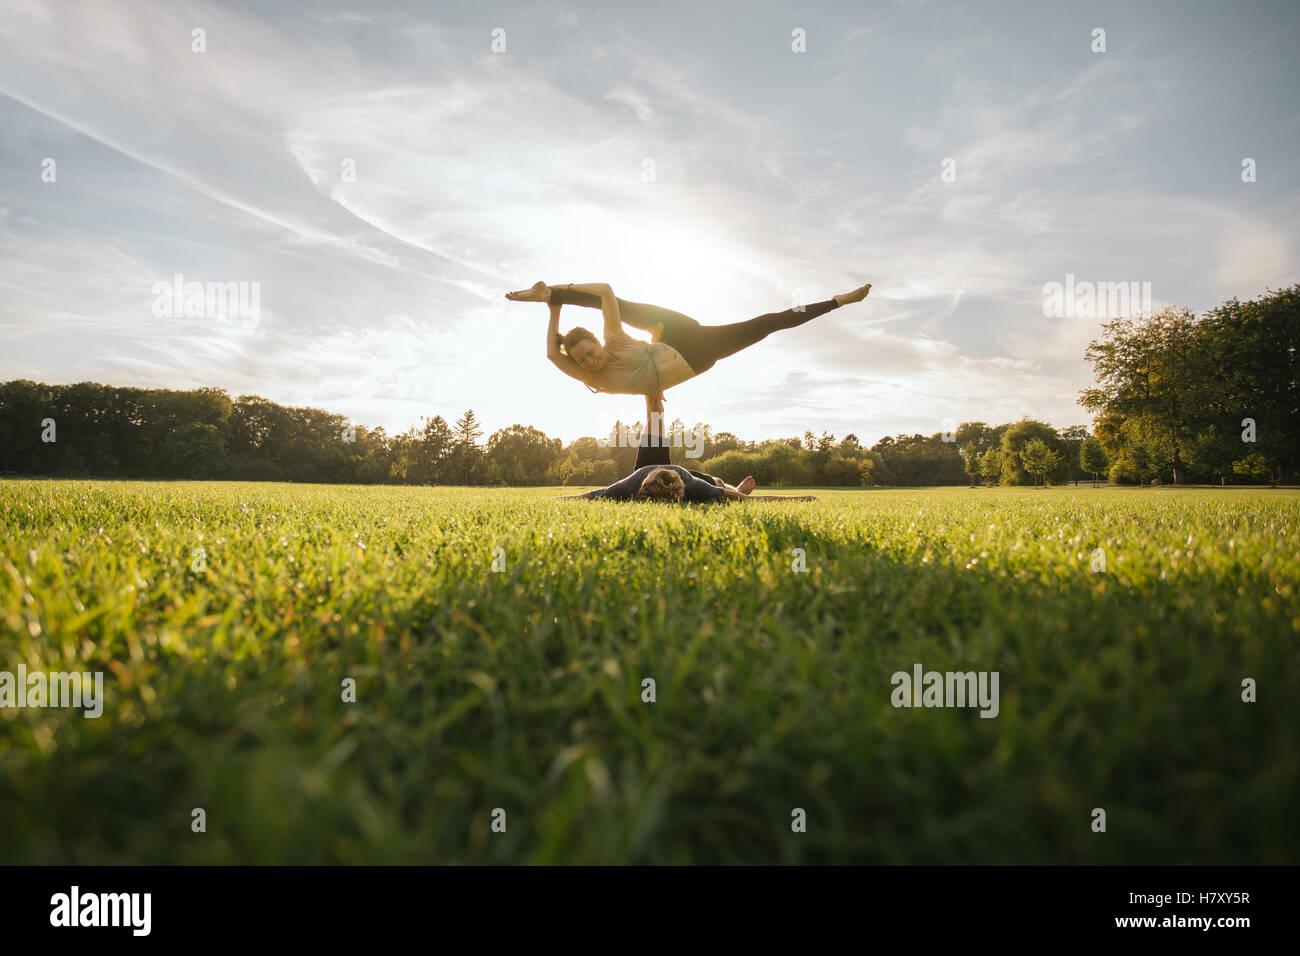 Passen Sie junges Paar beim Acro Yoga. Mann auf dem Rasen liegen und Frau in seinen Füßen balancieren. Stockbild